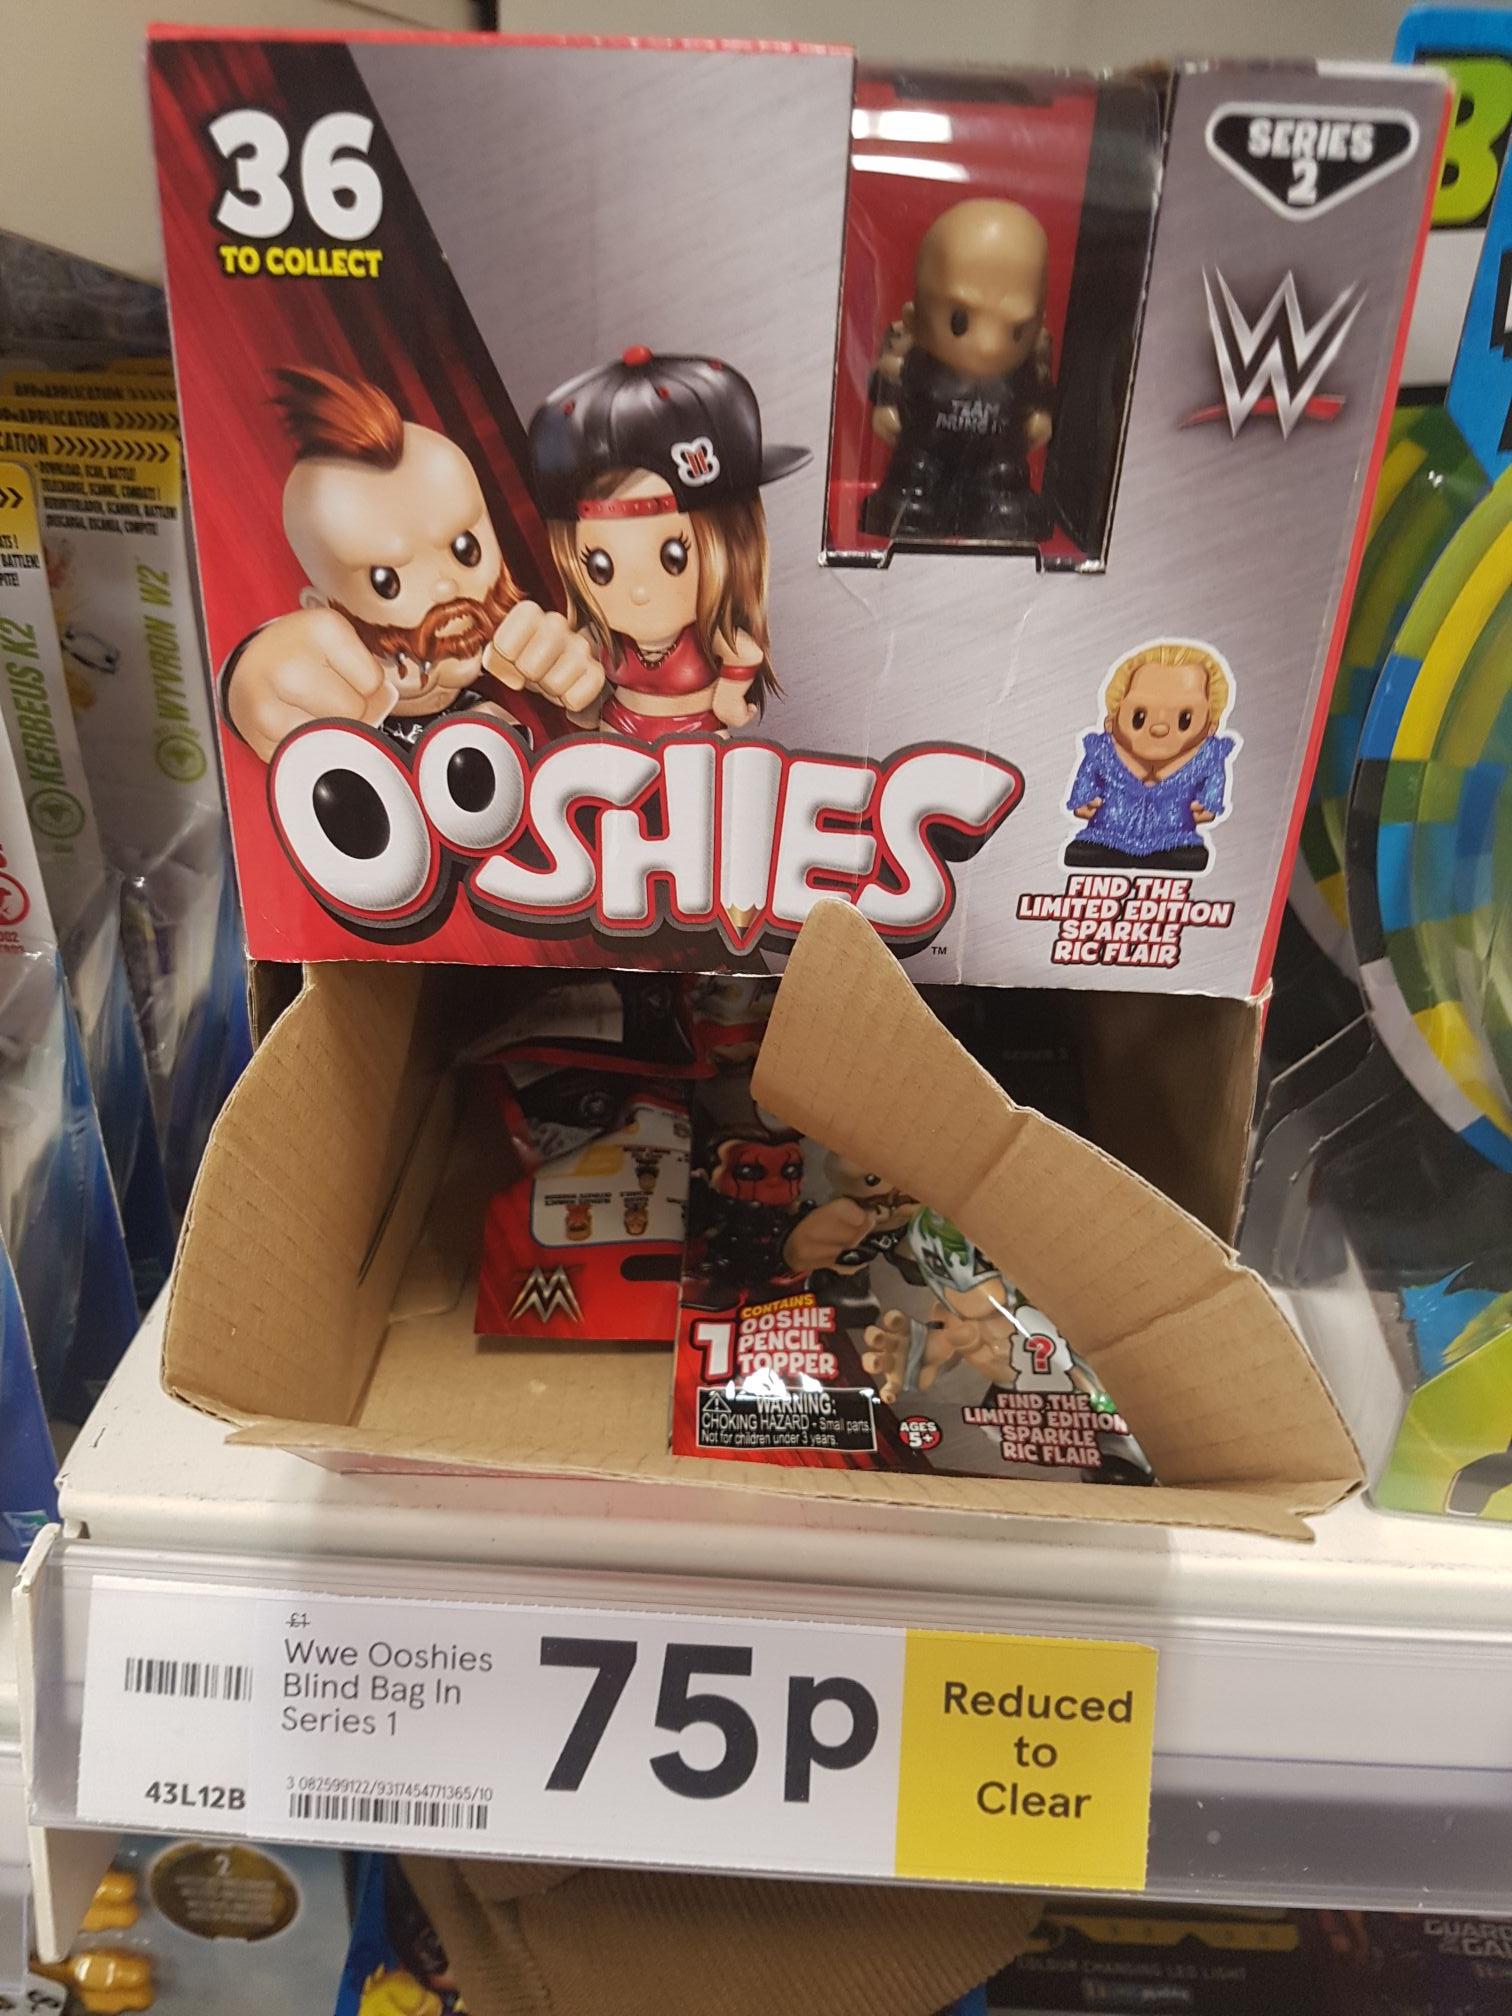 WWE ooshies 75p instore @ Tesco (Liverpool)